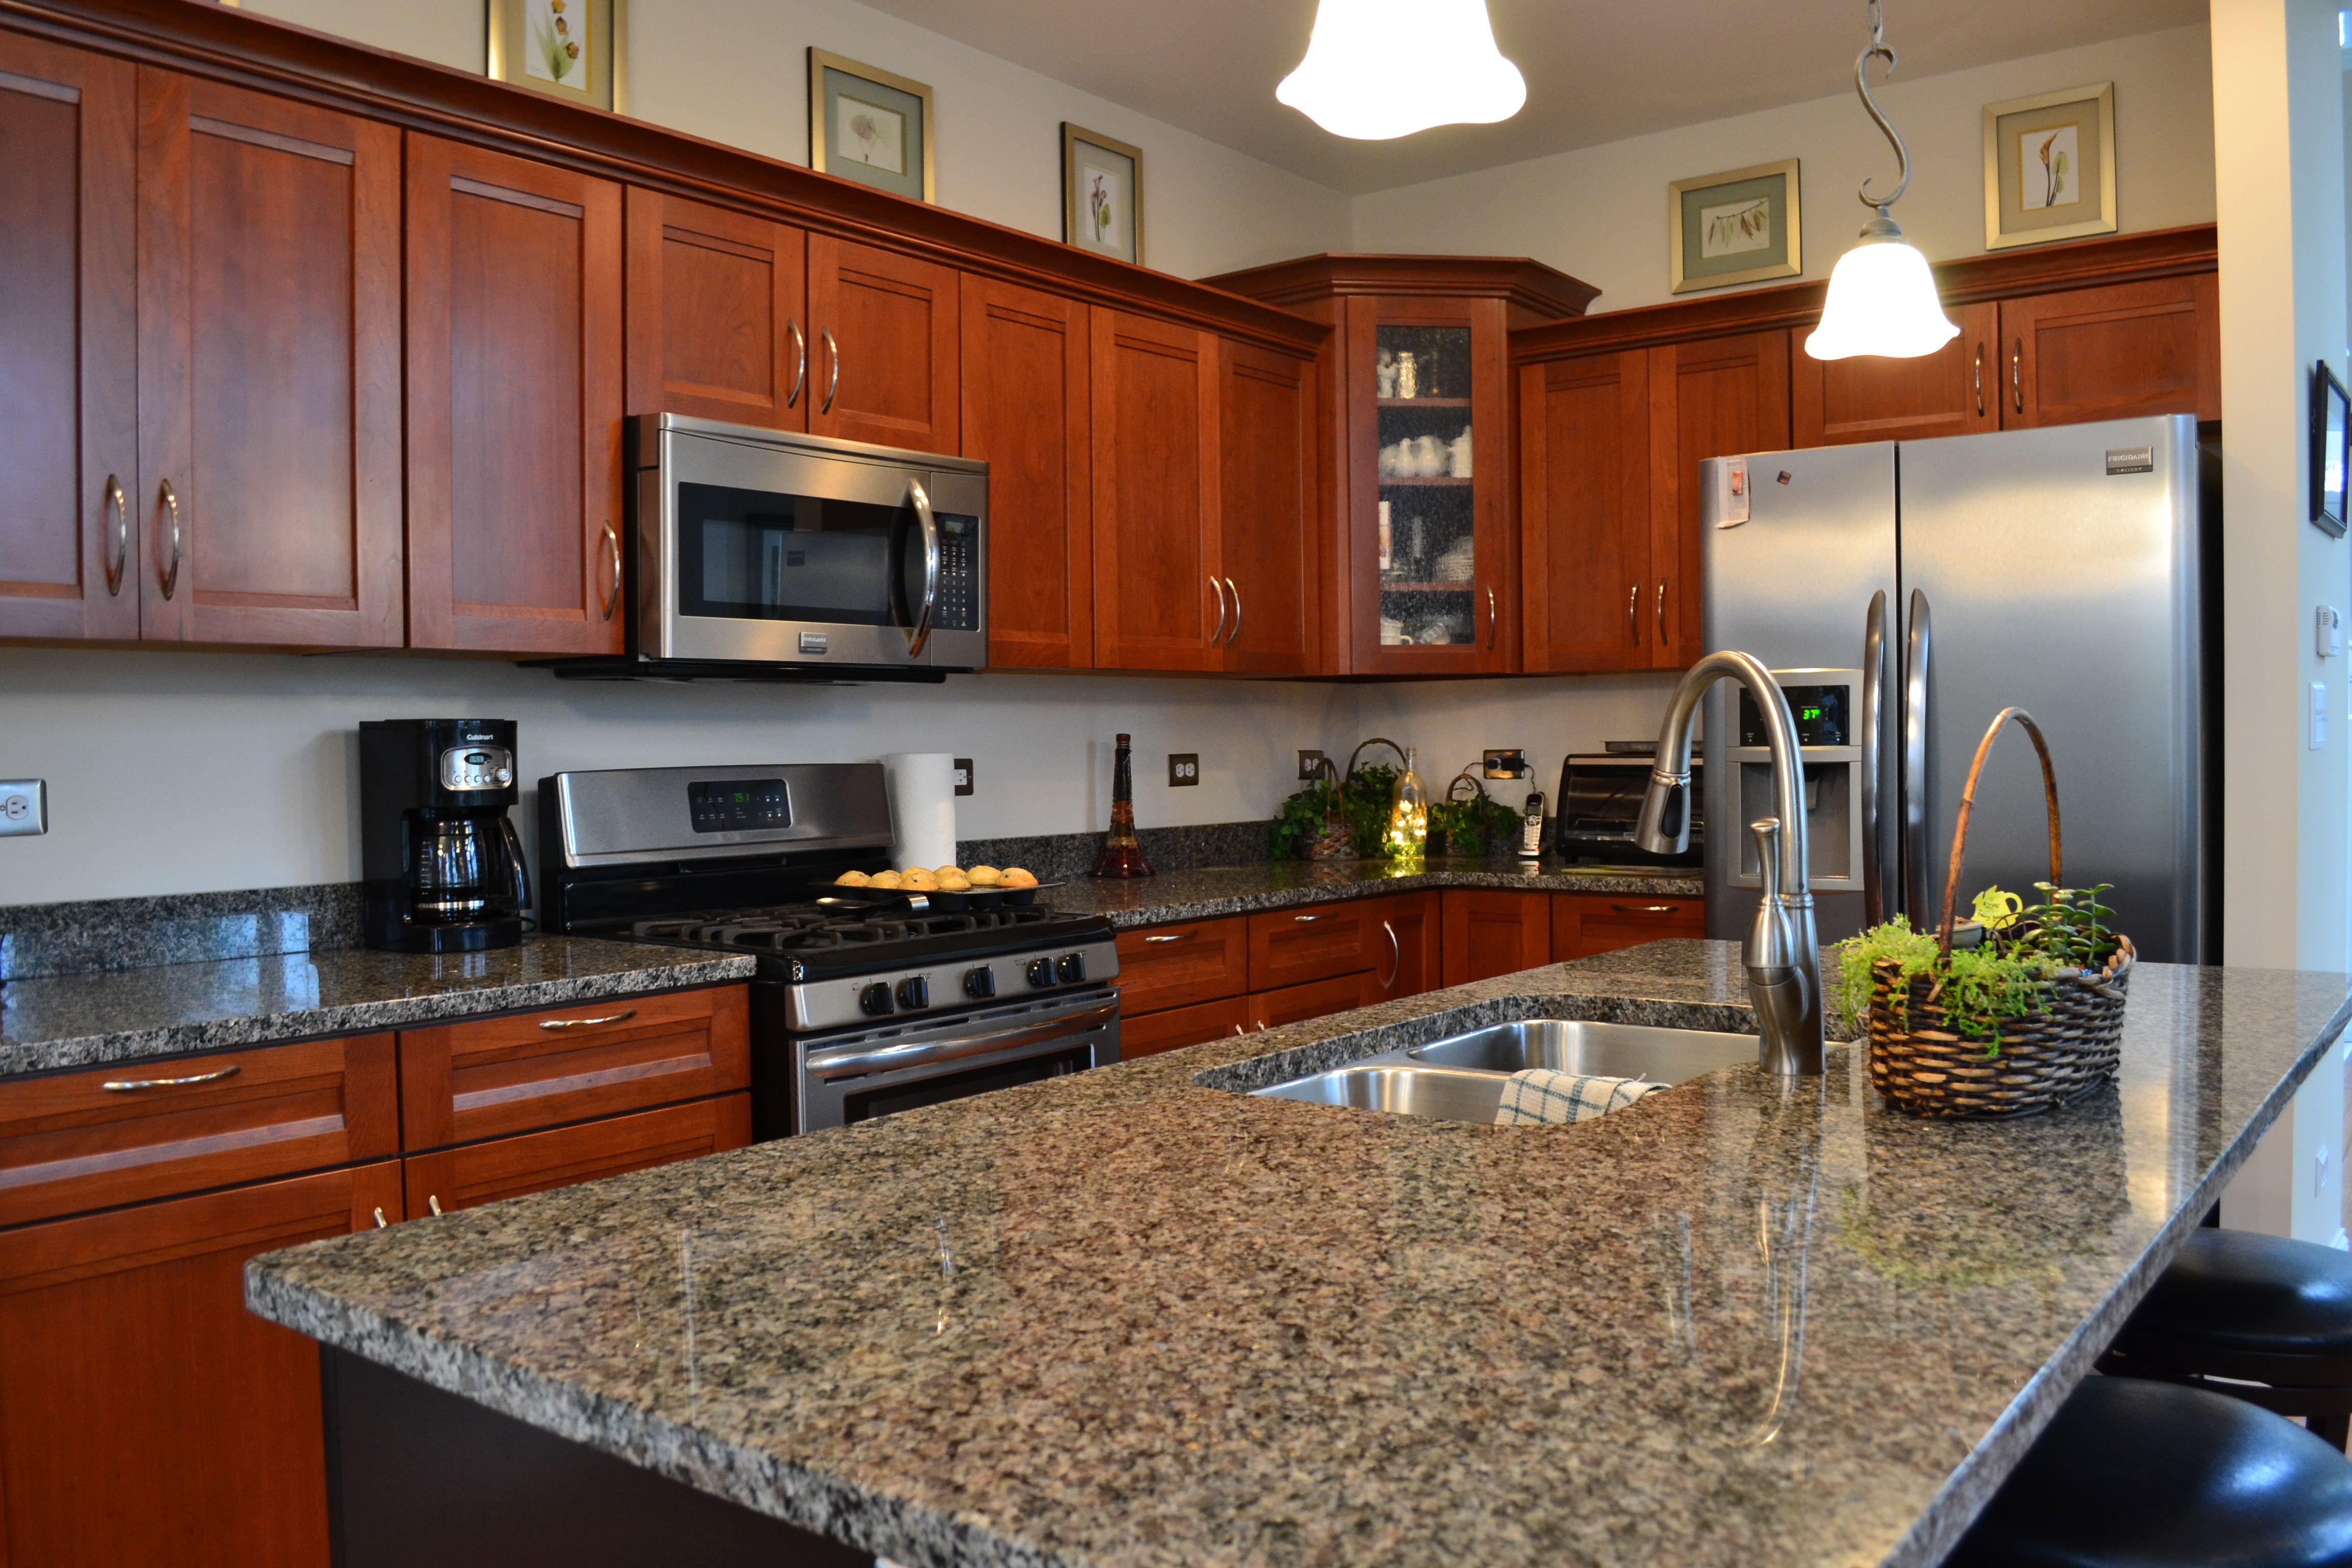 Northwest Indiana Homes | Cherry cabinets kitchen, Kitchen ...